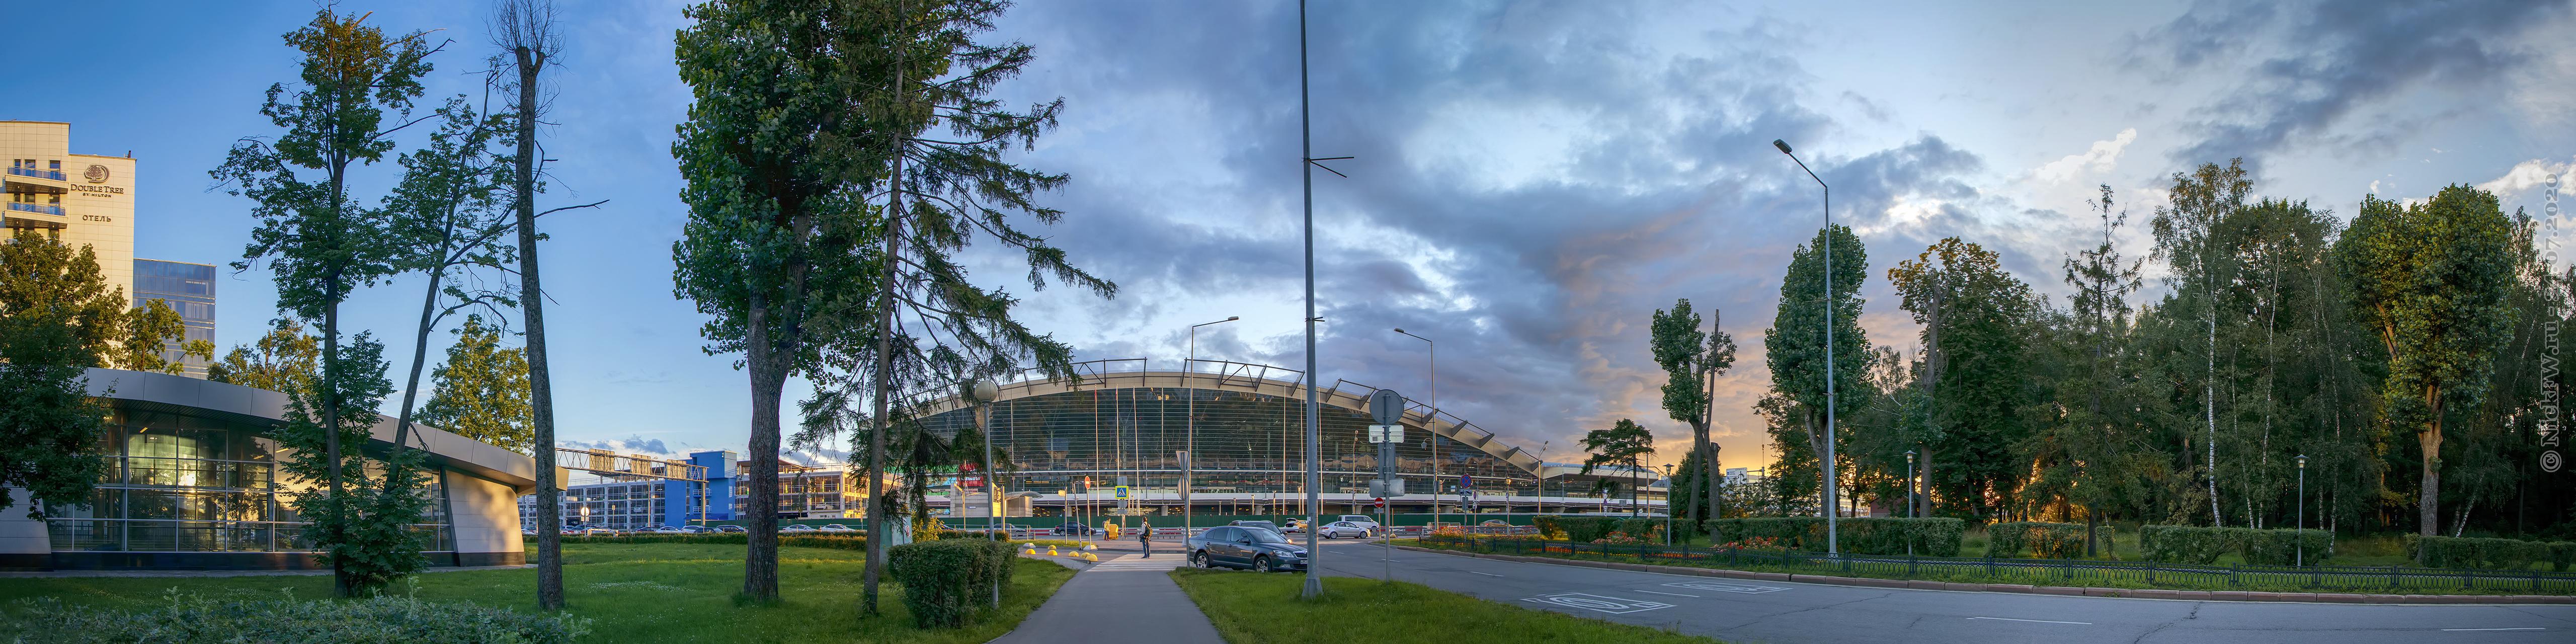 9. HDR Панорама из 6 кадров — вид на аэропорт Внуково © NickFW.ru — 1000 px в ширину